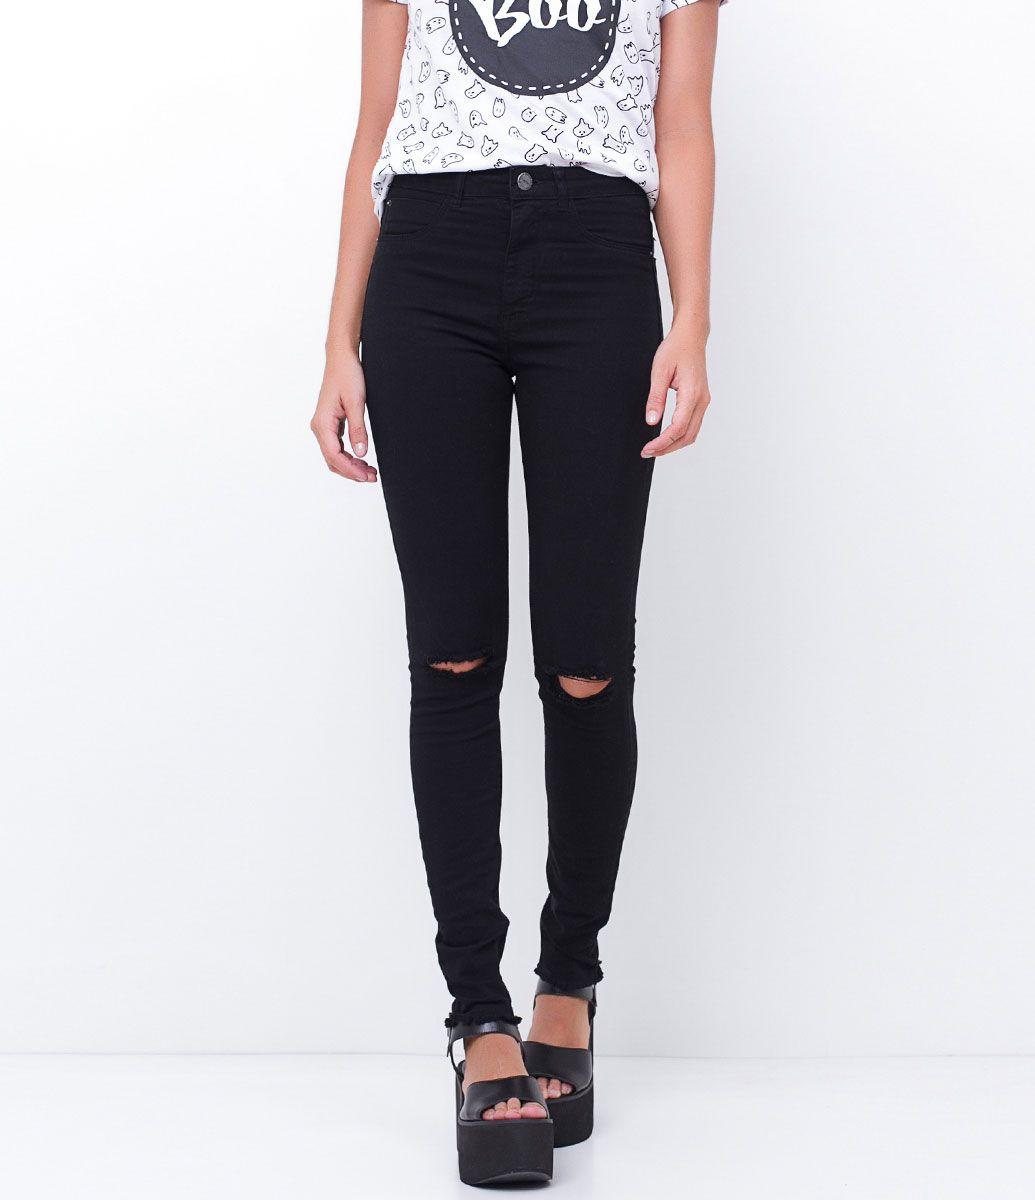 Calça feminina  Modelo cigarrete  Cintura alta  Com rasgos  Marca: Blue Steel  Tecido: jeans  Modelo veste tamanho: 36     Medidas da modelo:     Altura: 1,73  Busto: 85  Cintura: 60  Quadril: 90    Veja outras opções de    calças jeans femininas.